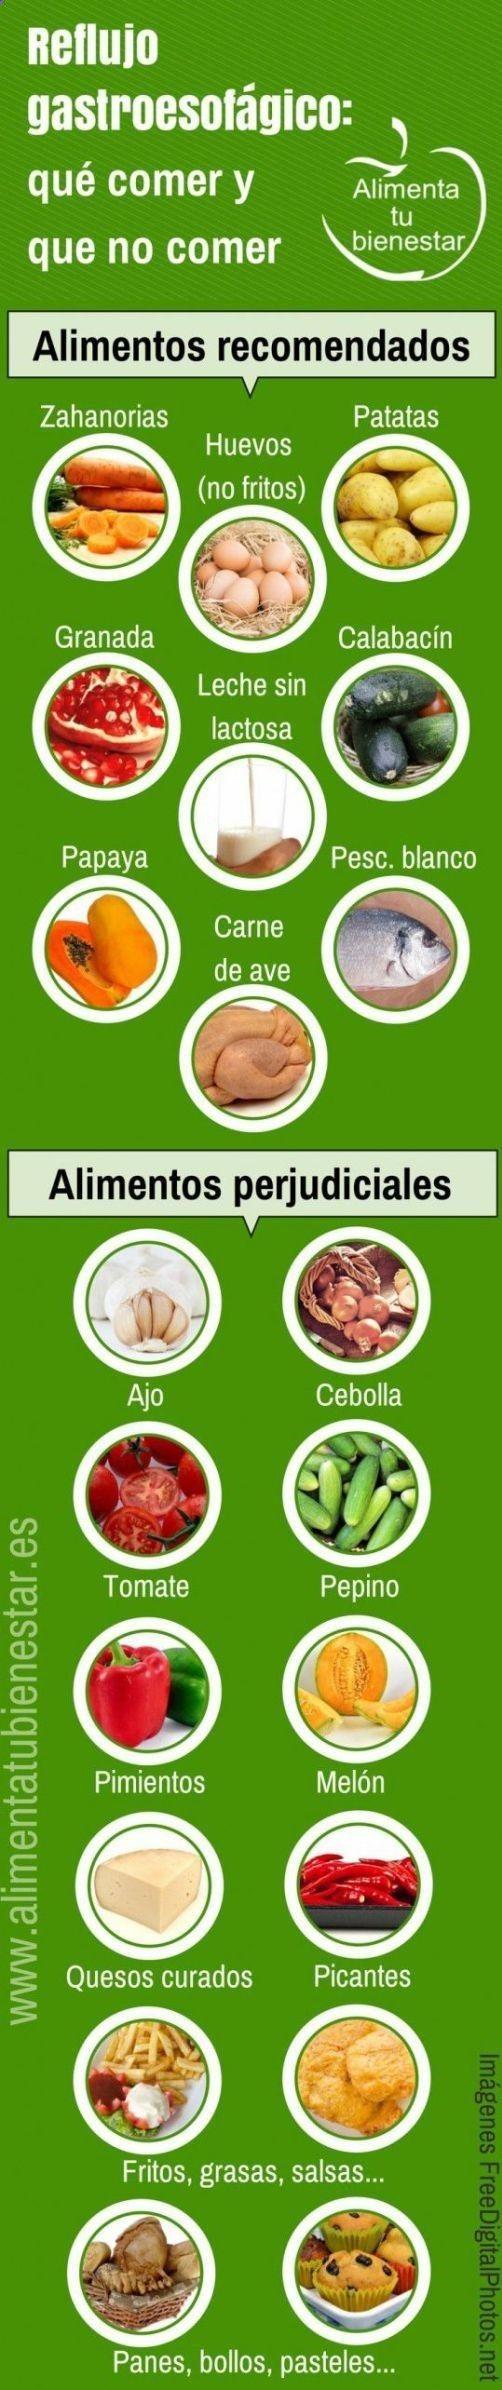 Cura Para La Gastritis Basta De Gastritis Basta De Gastritis Alimentos Para El Reflujo Gastroesofágico Vas A Des Health And Nutrition Health Food Nutrition